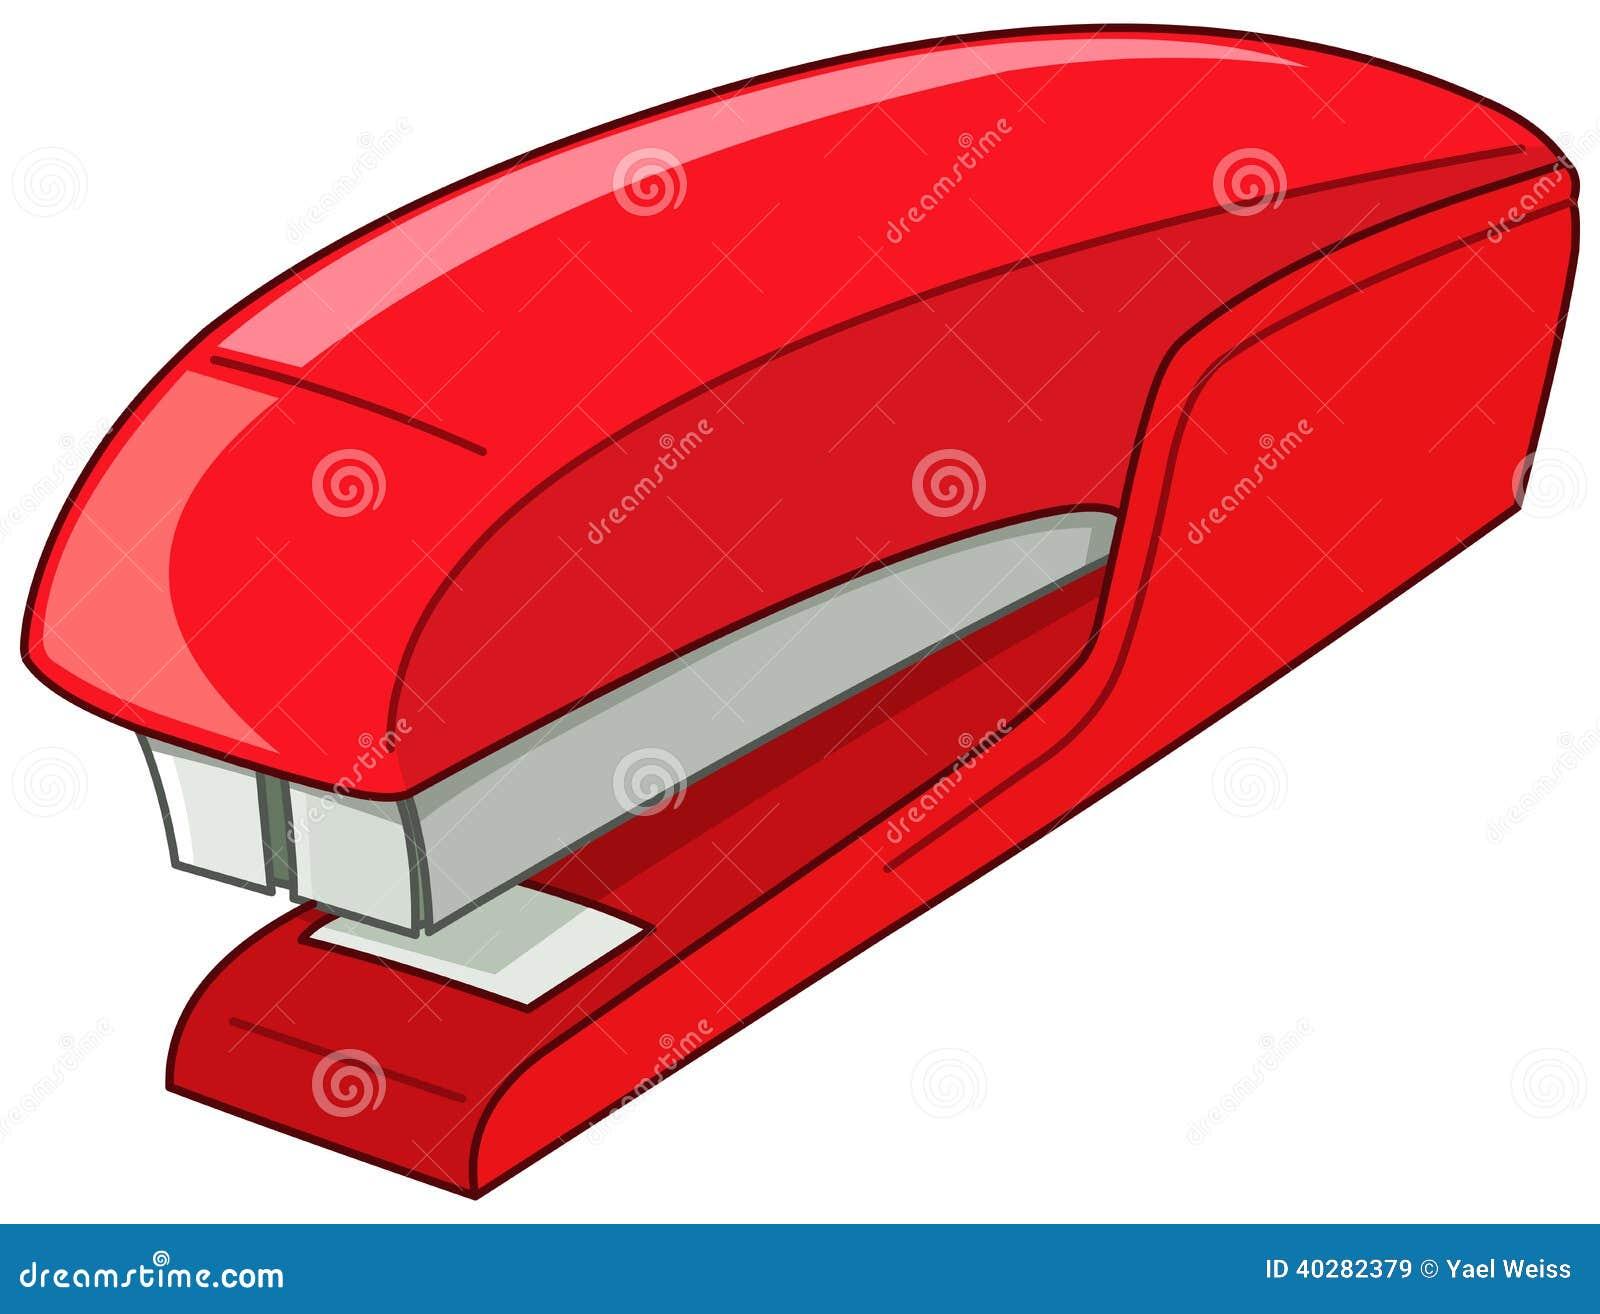 Stapler Stock Vector Image Of Metal Paper Bind